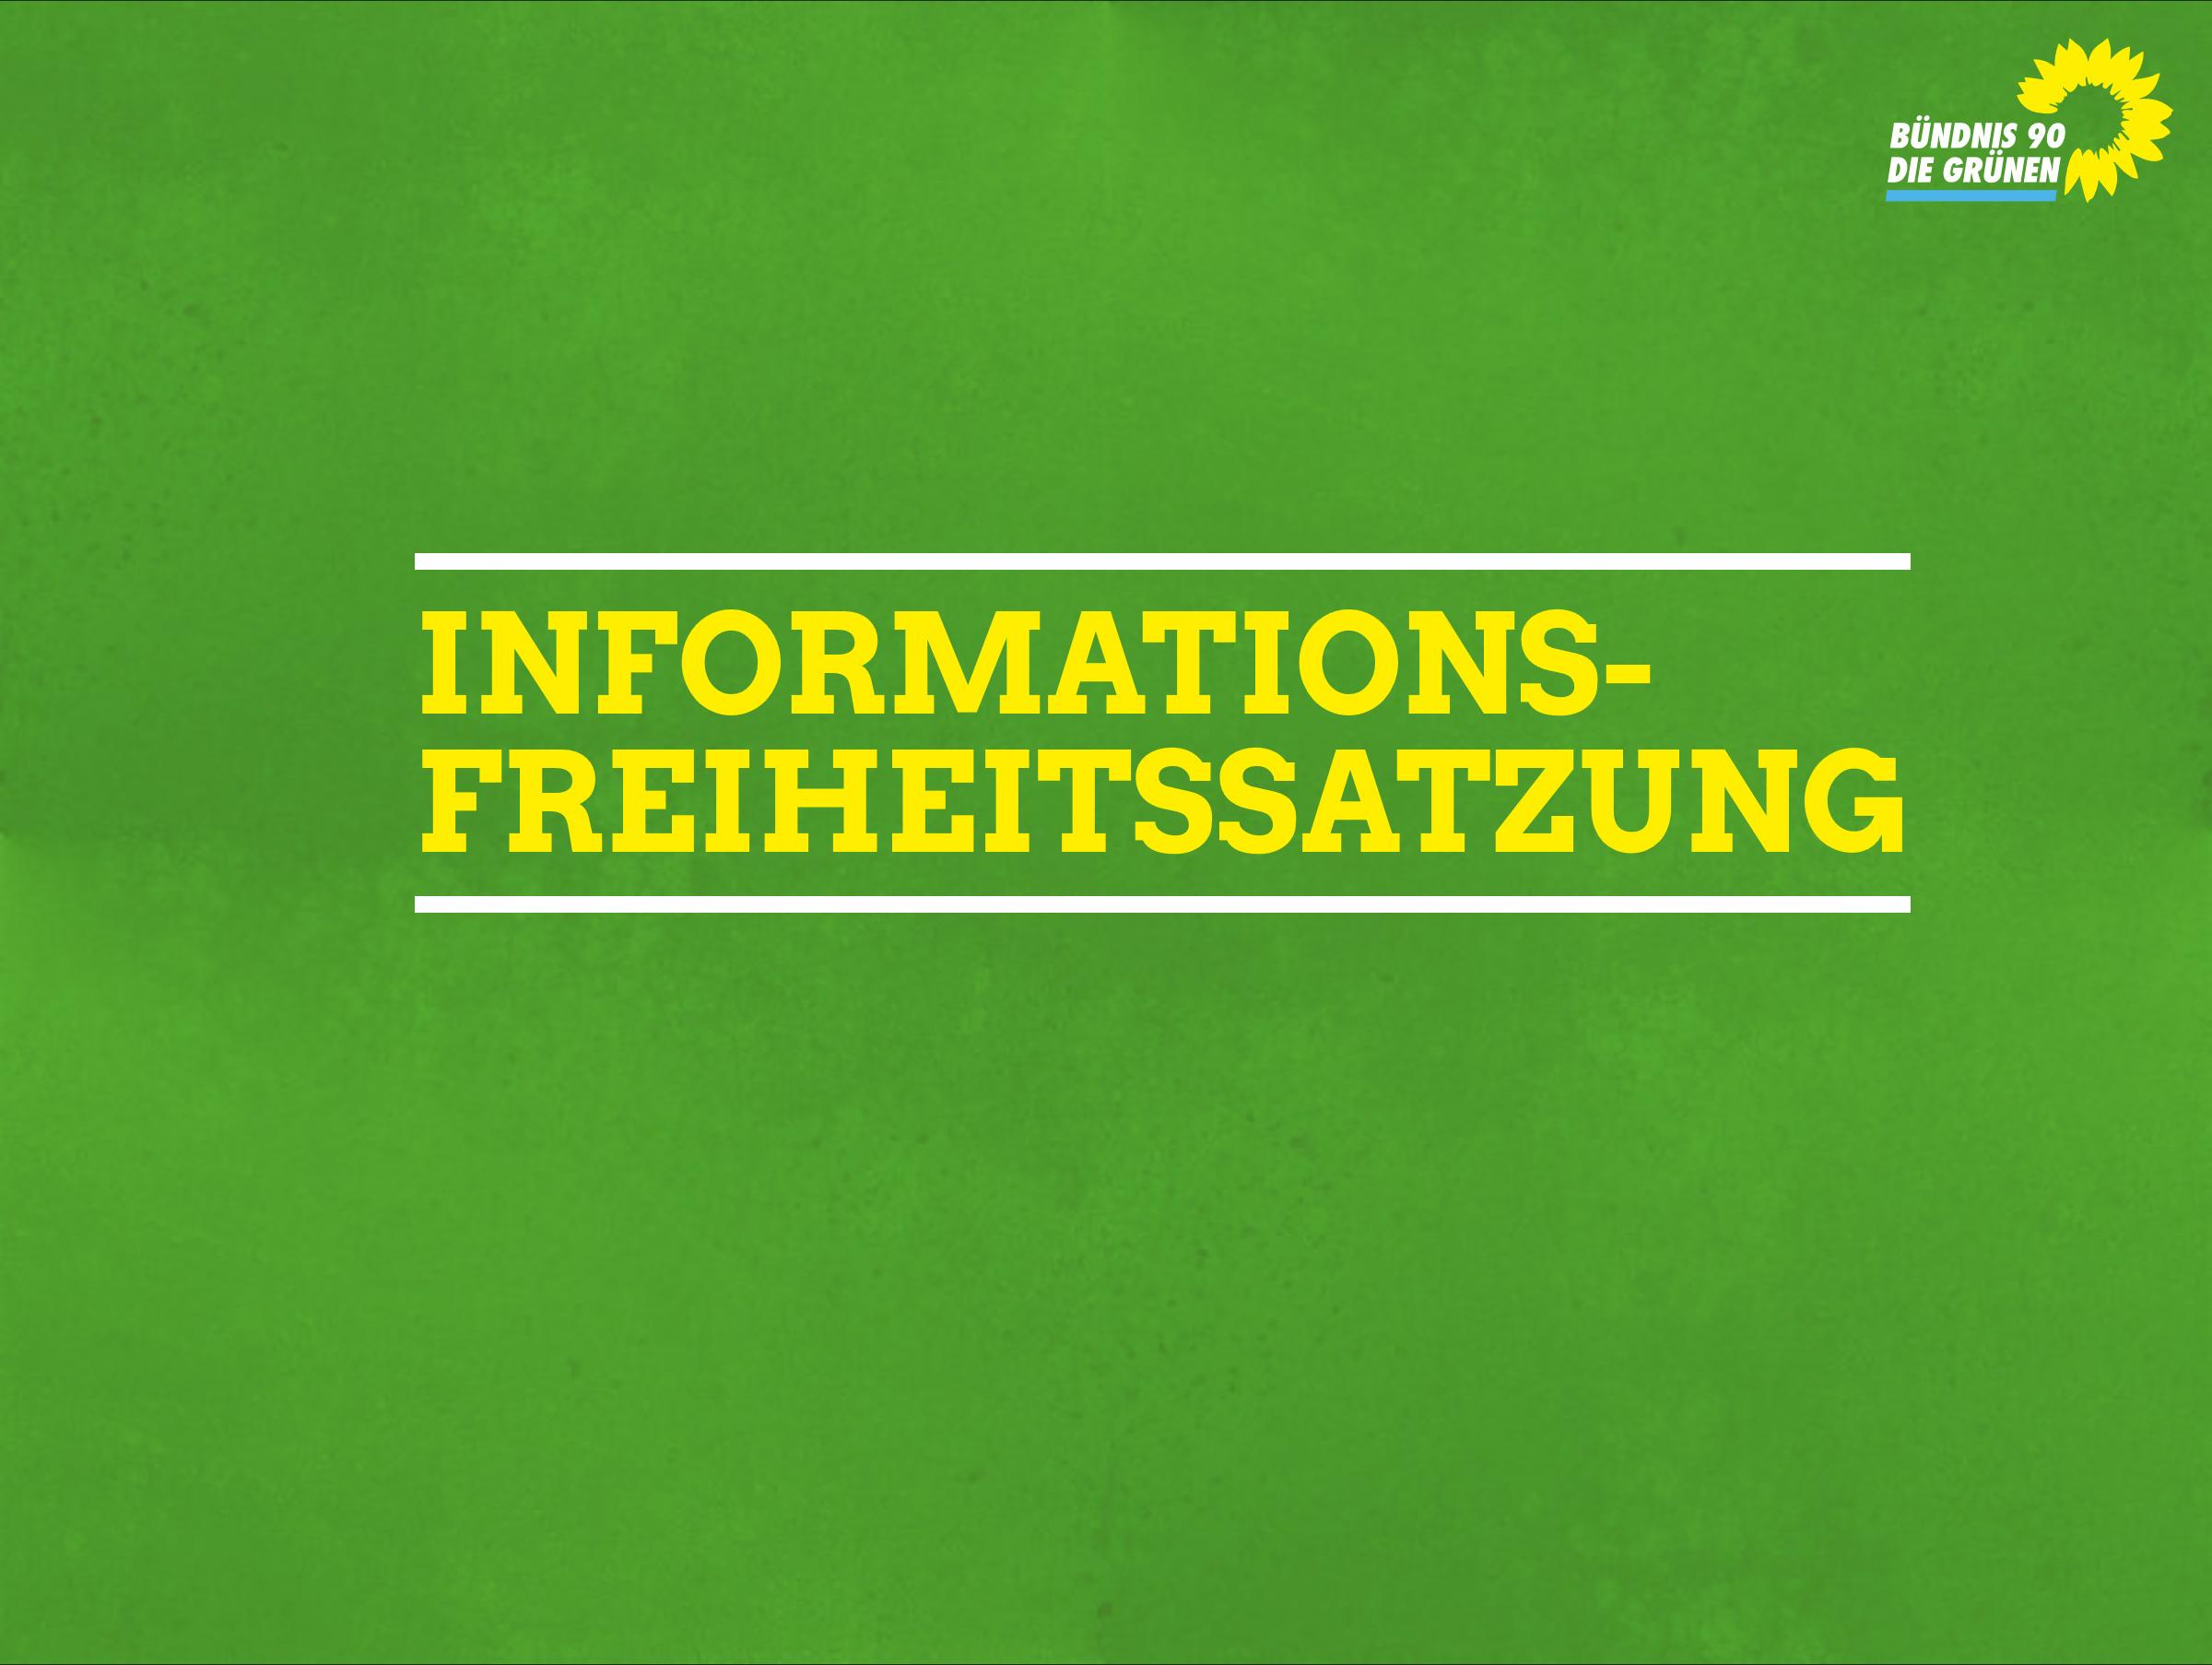 Informationsfreiheitssatzung